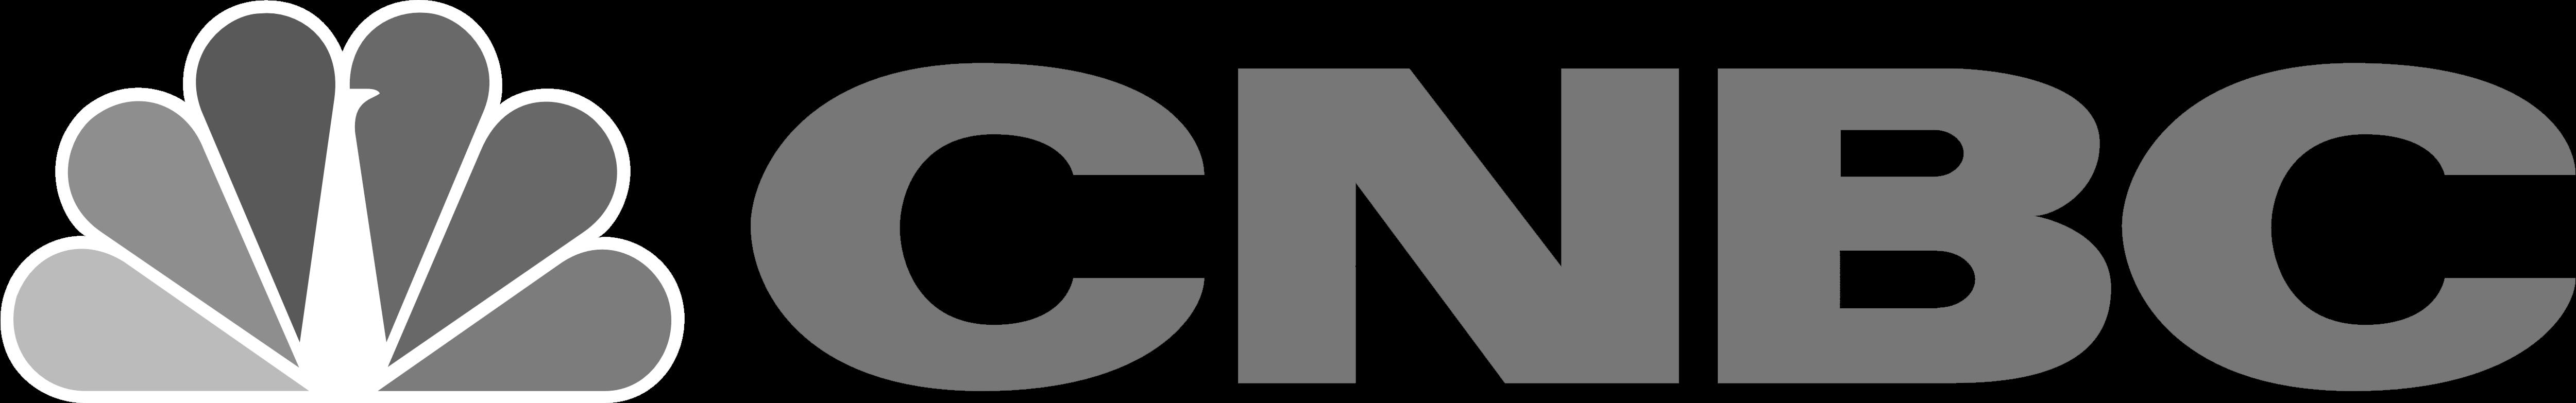 Bitpress logo